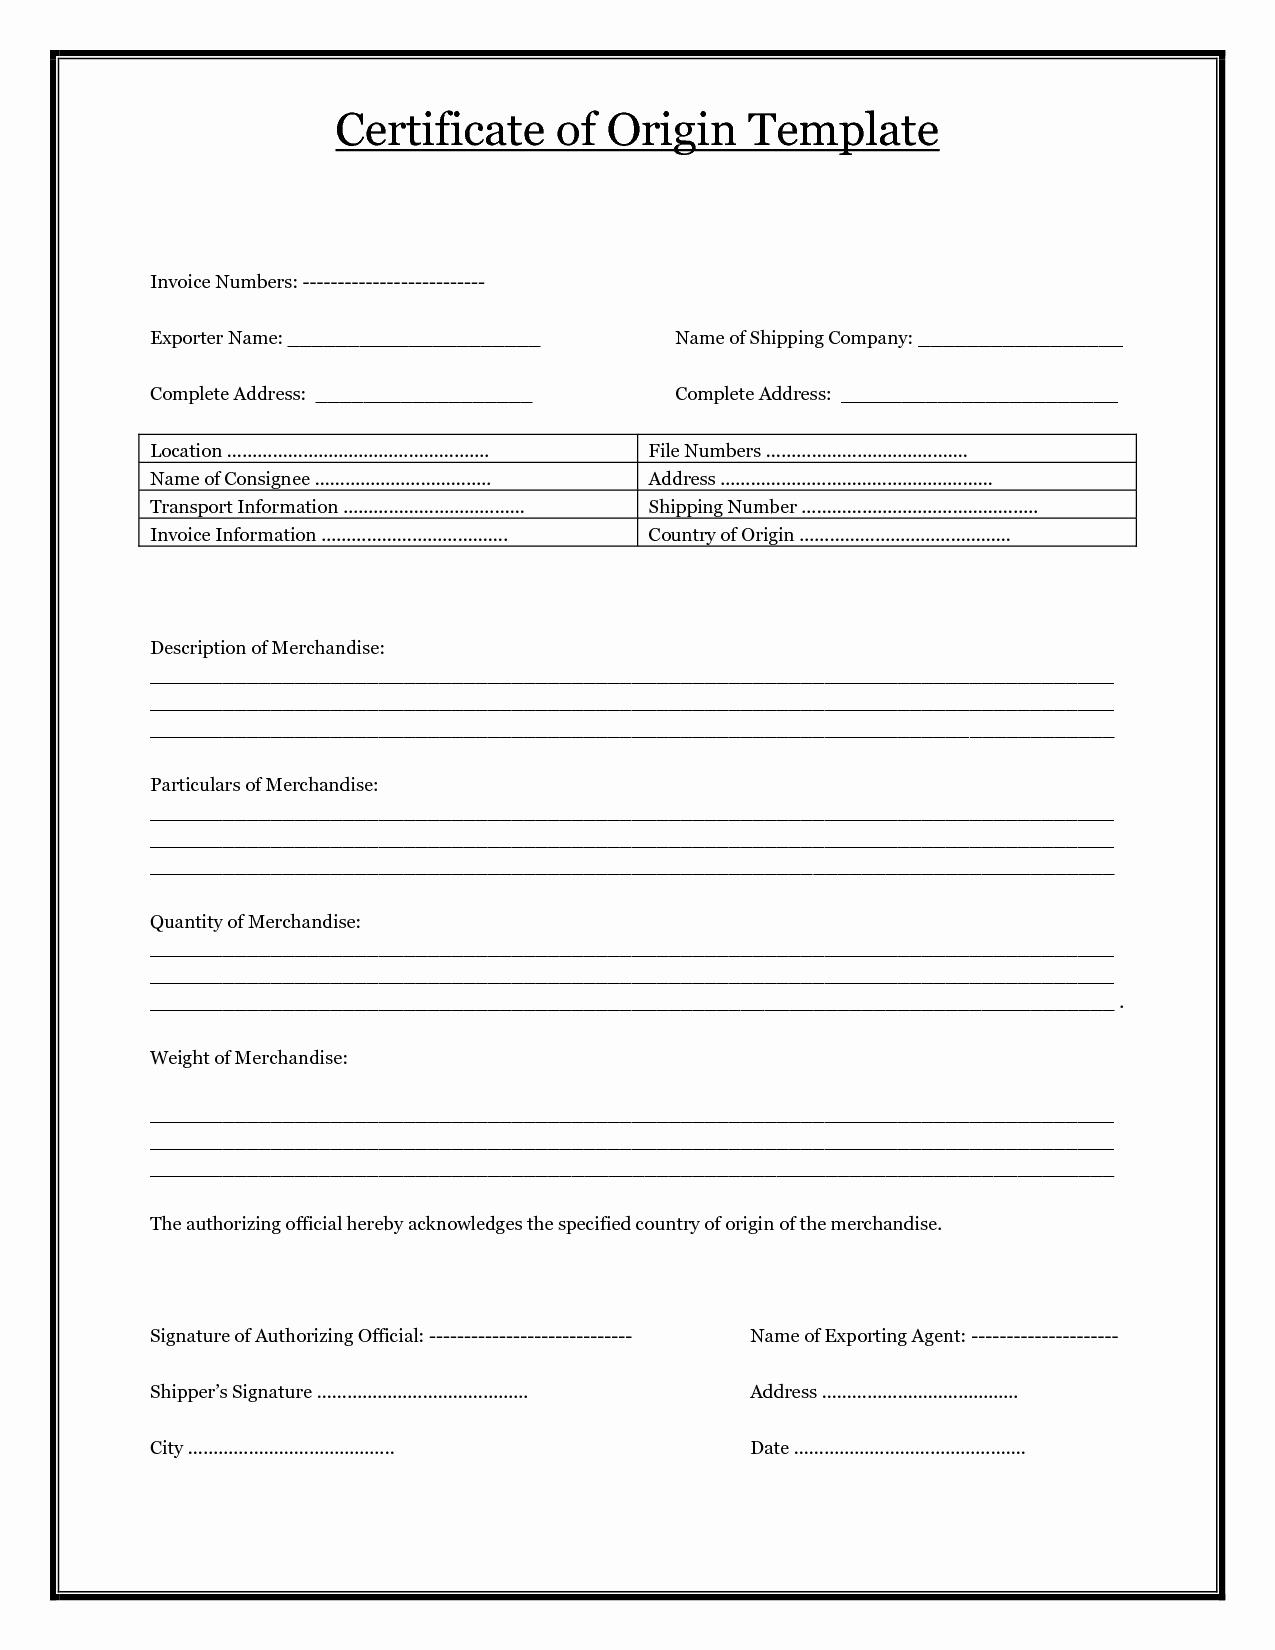 Certificate Of origin Template New Certificate Of origin Template Pdf